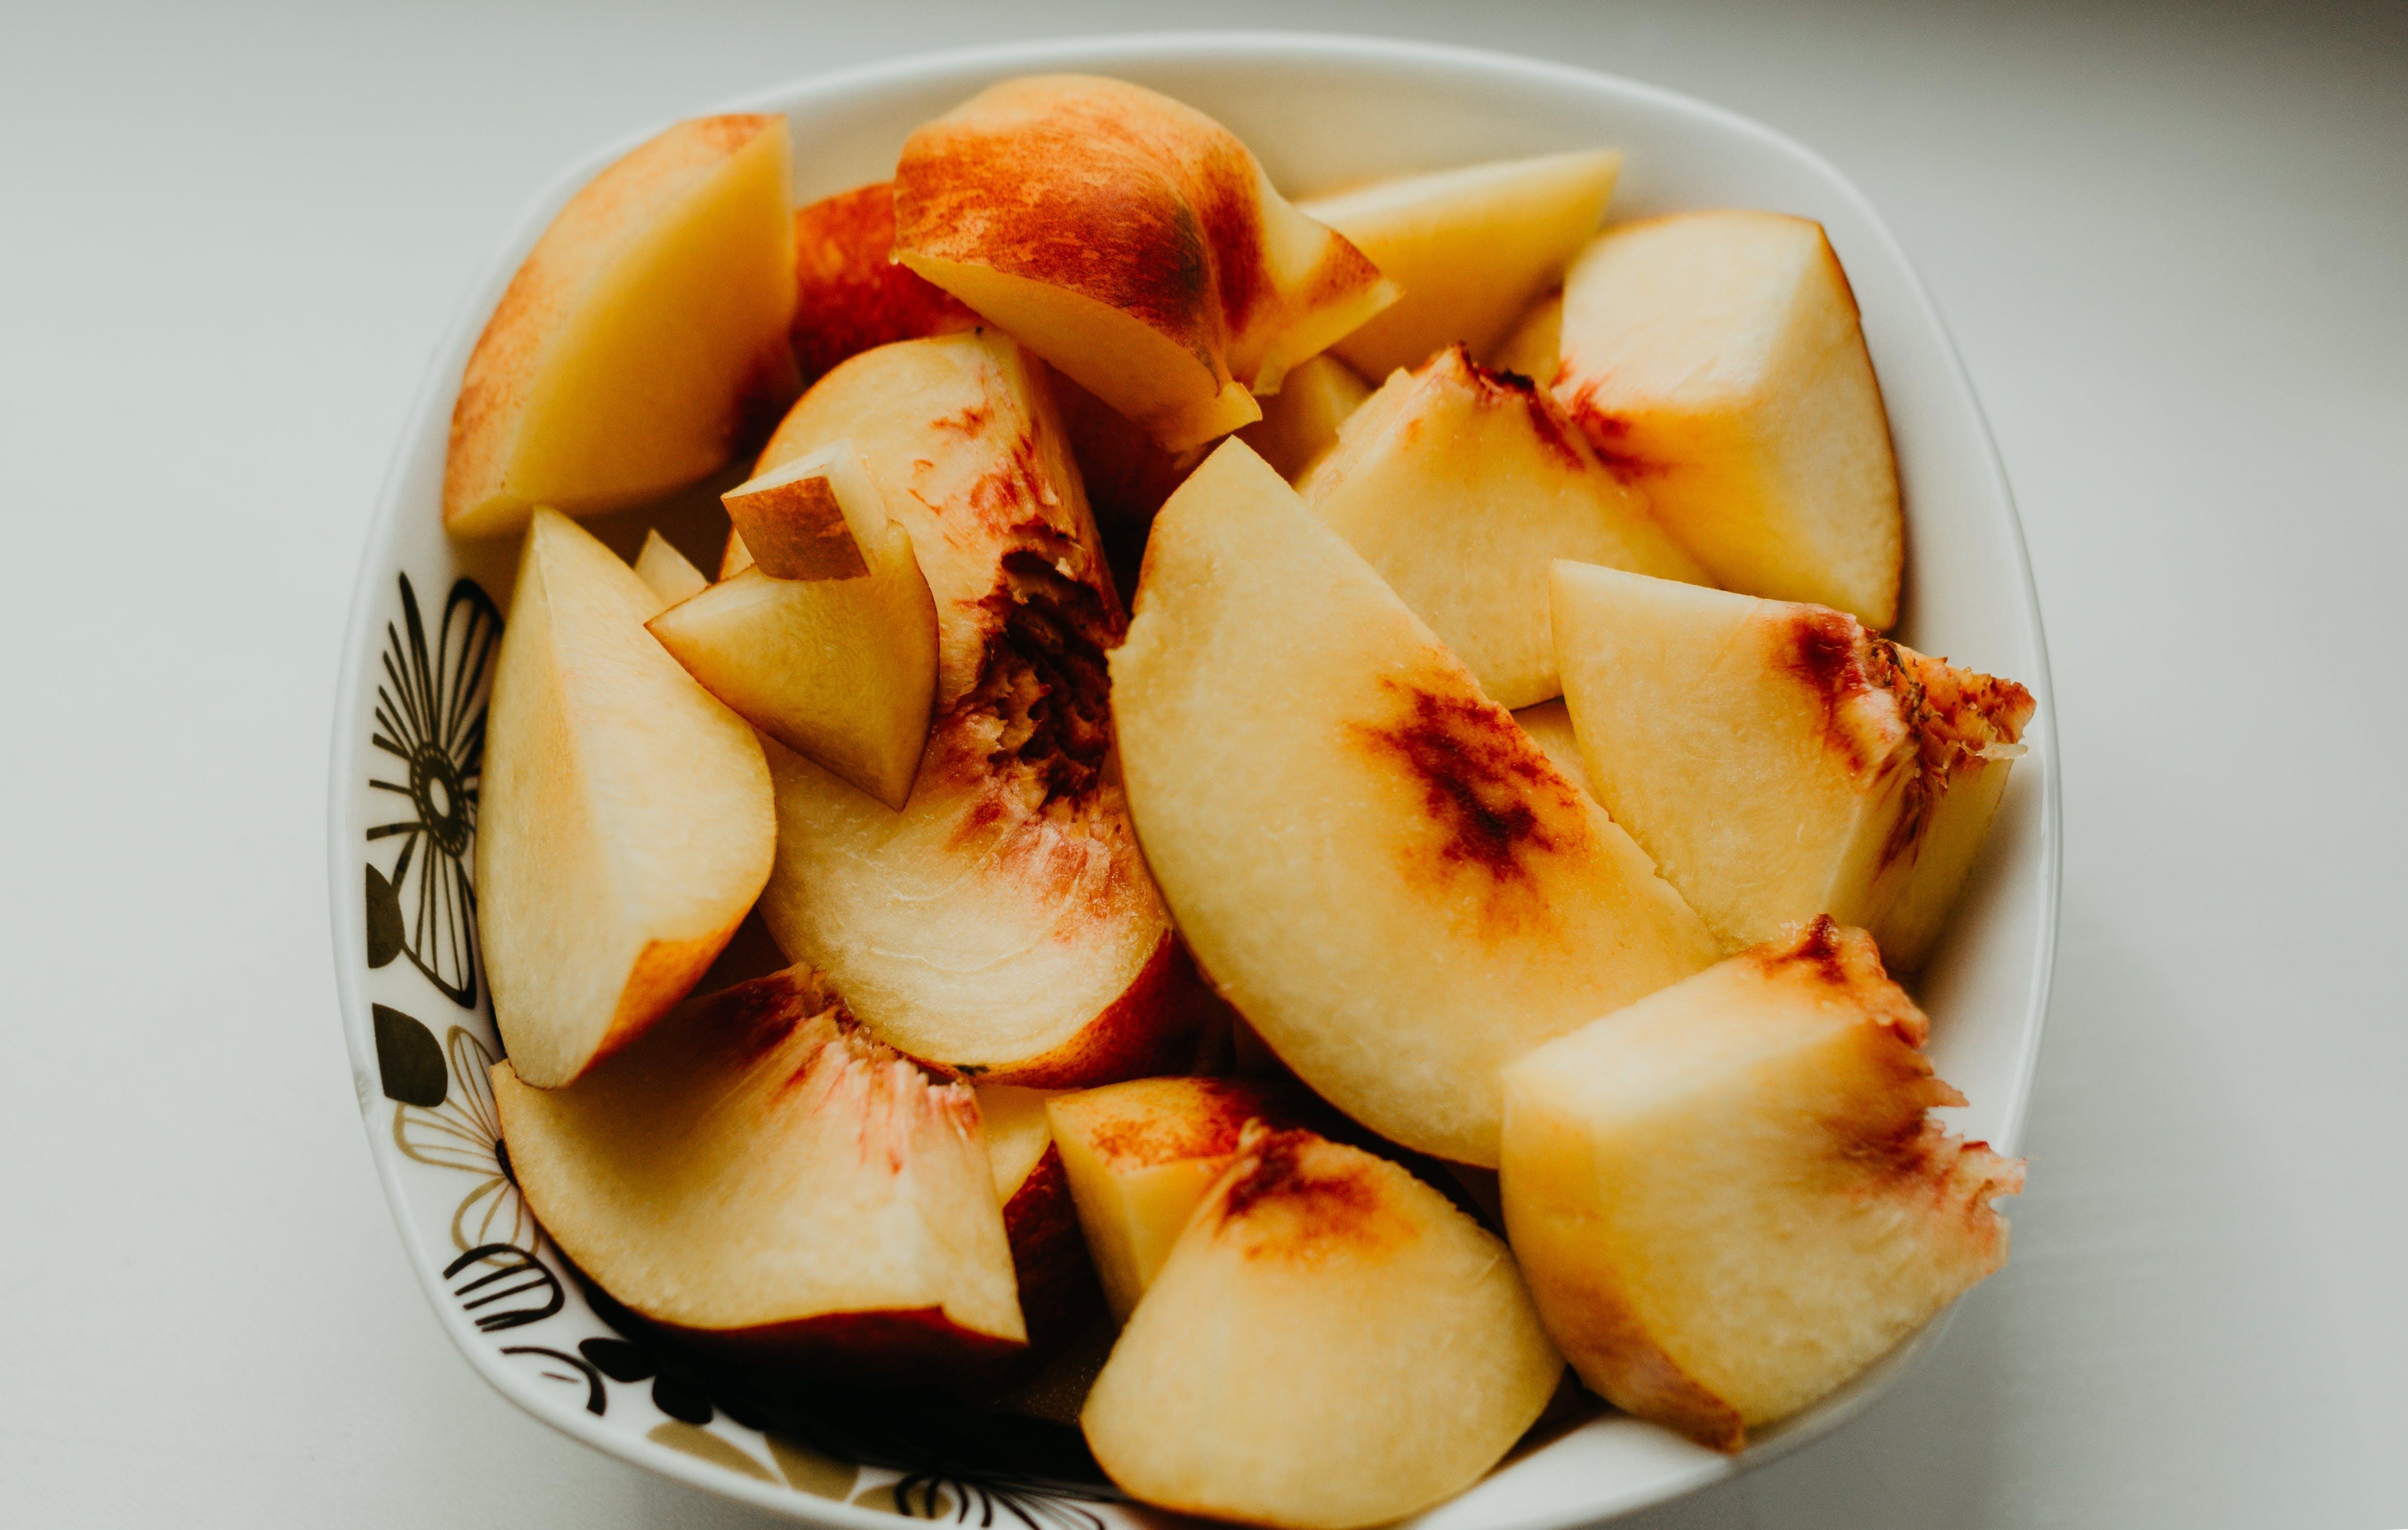 Sliced Apples on White Ceramic Bowl